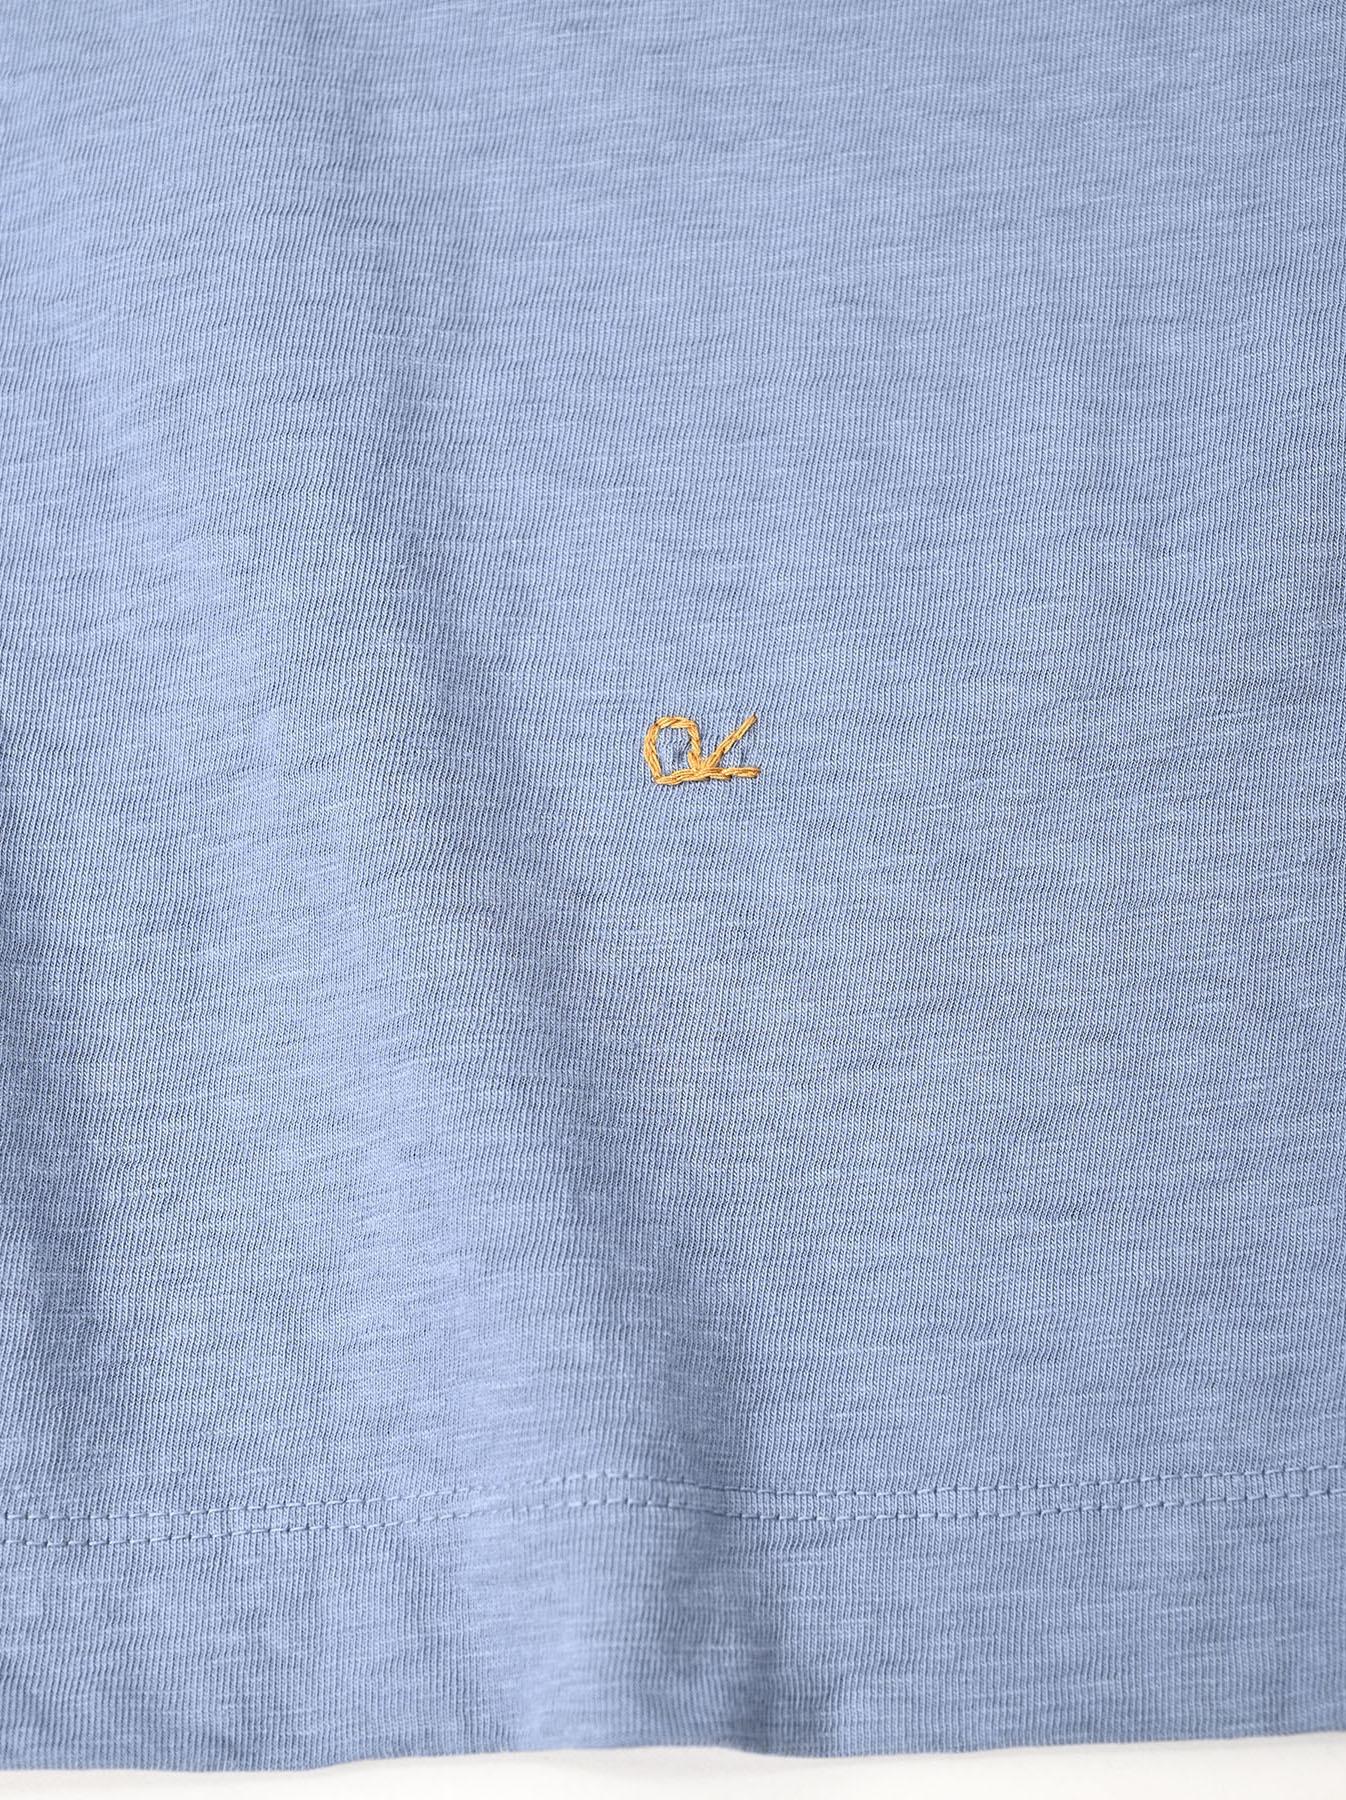 Zimbabwe Cotton Square T-shirt-11